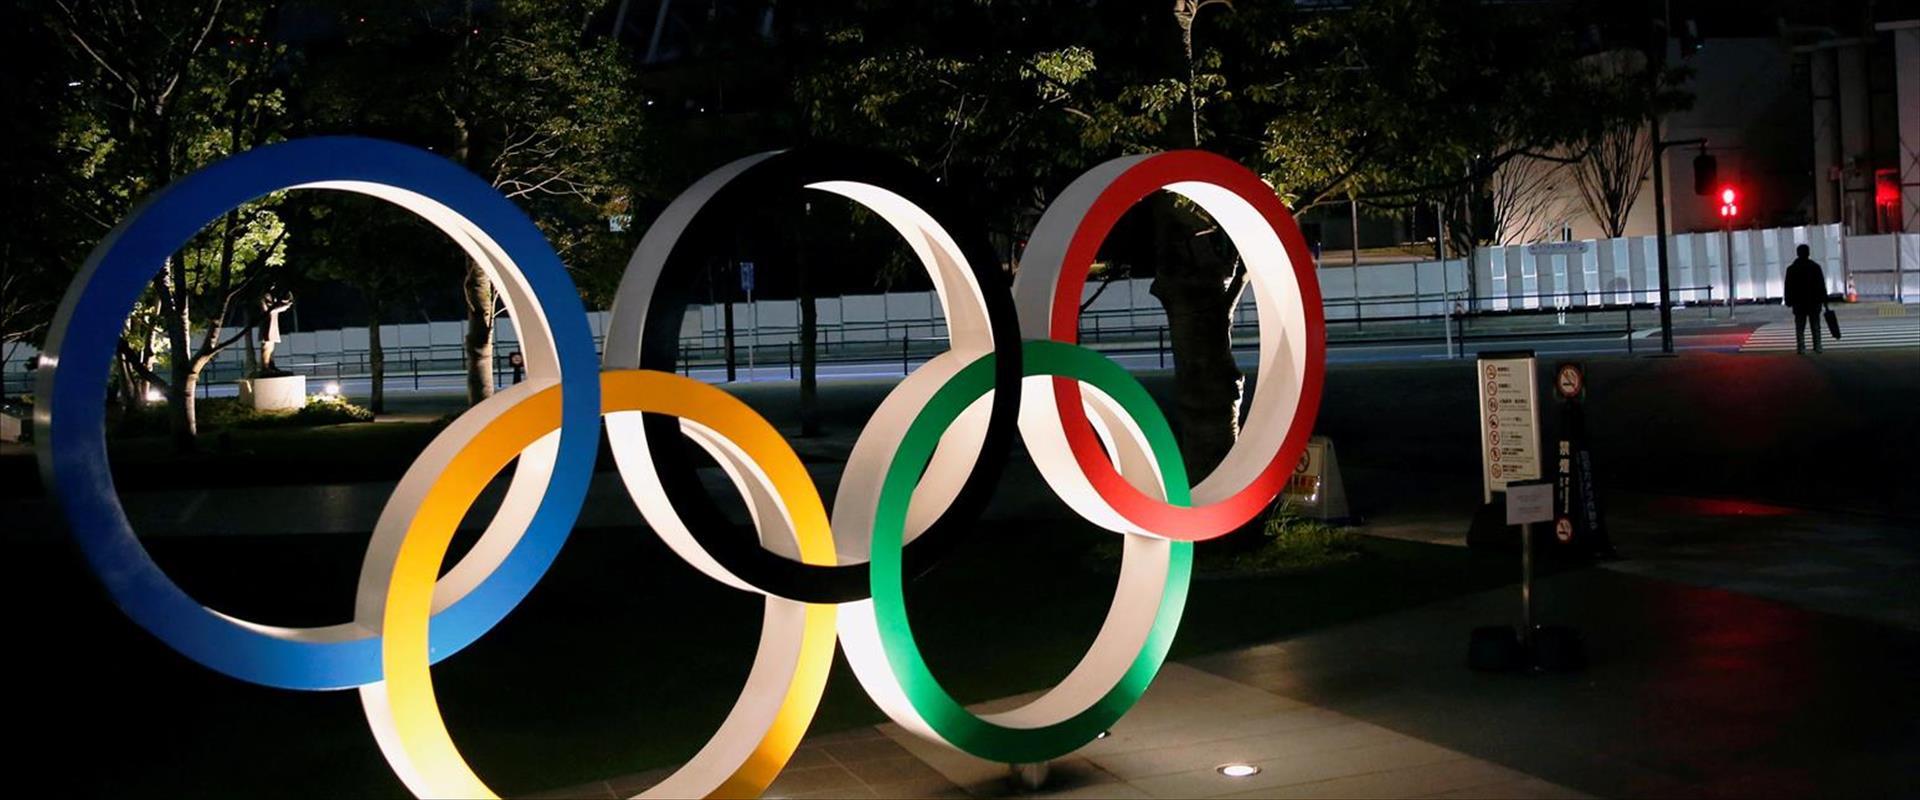 האיצטדיון הלאומי בטוקיו שביפן מבחוץ, 22.01.21